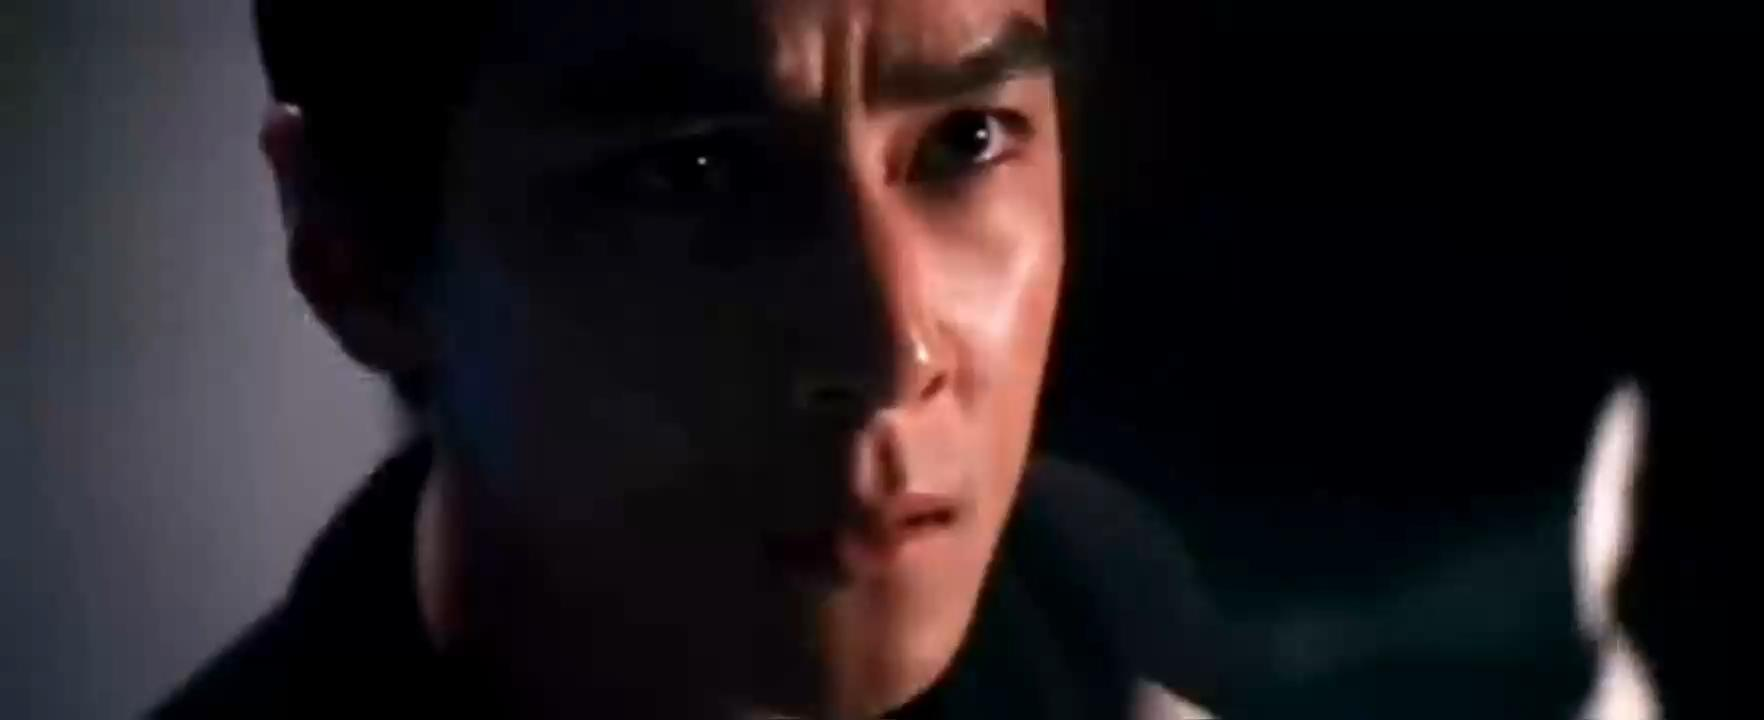 #经典看电影#小弟造反绑架老大陈惠敏,吴彦祖带人将整个黑帮团灭